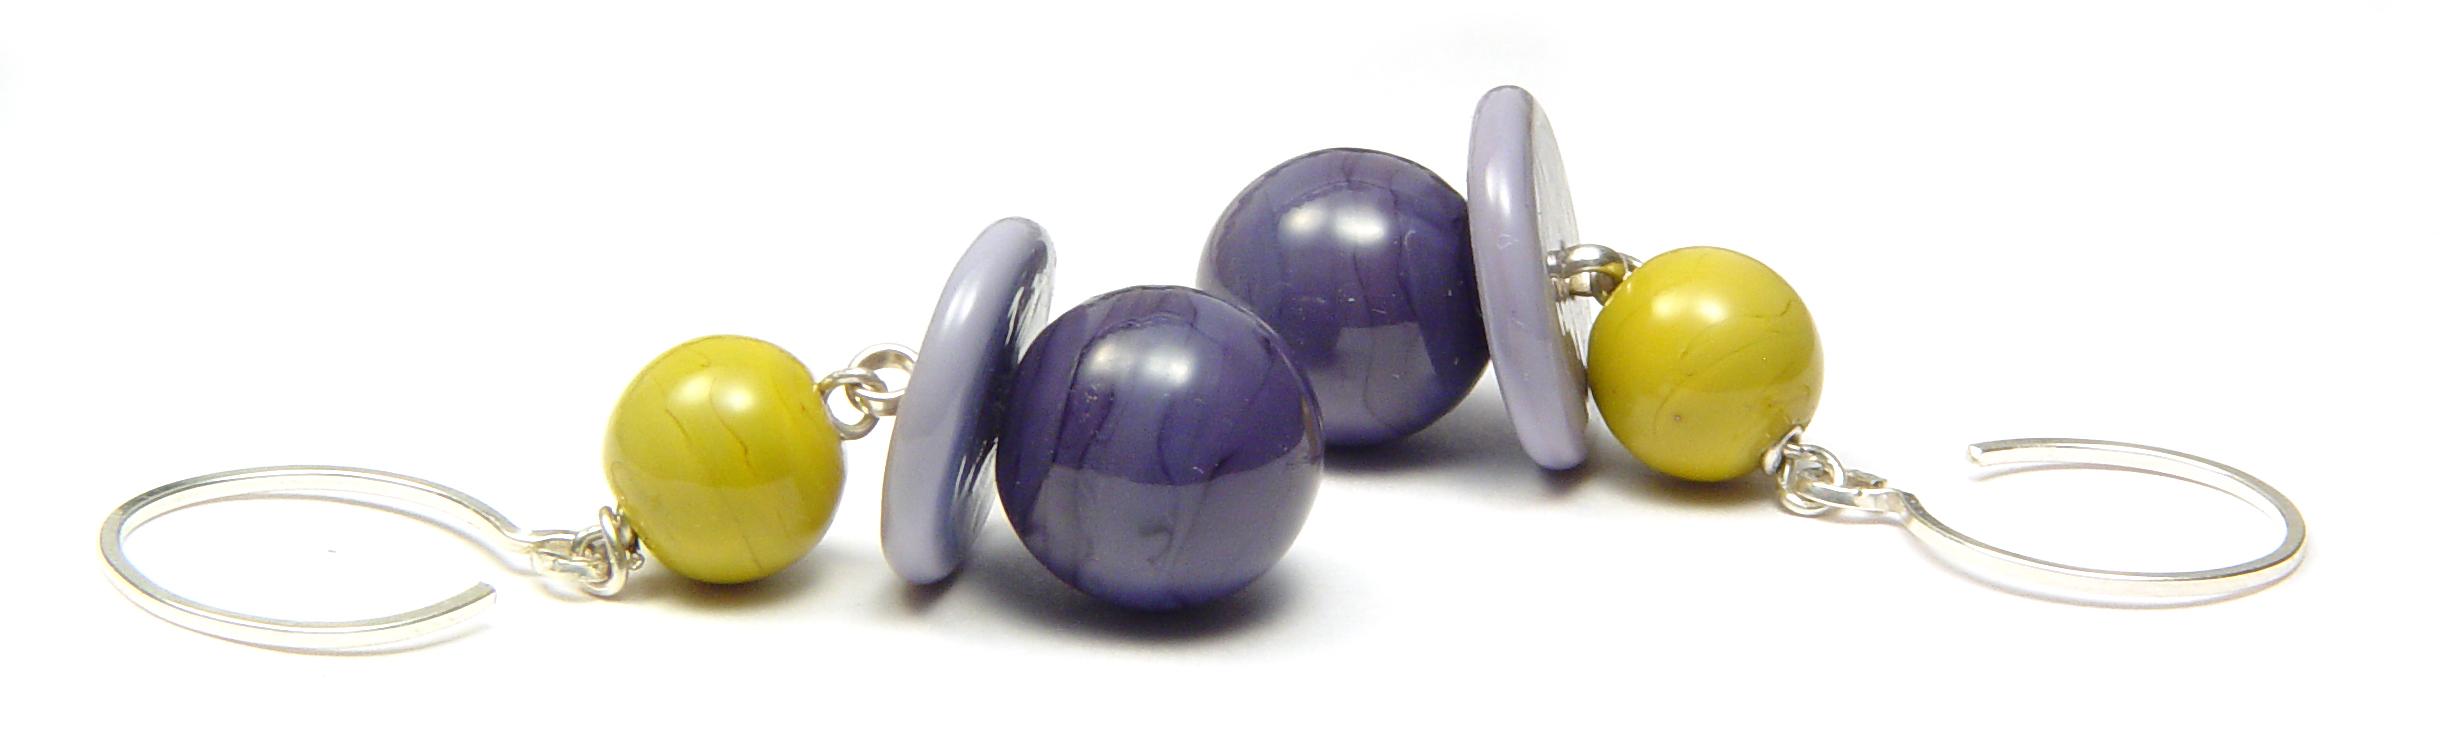 JillSympons.com Lampwork You Know You Do Earrings - $50